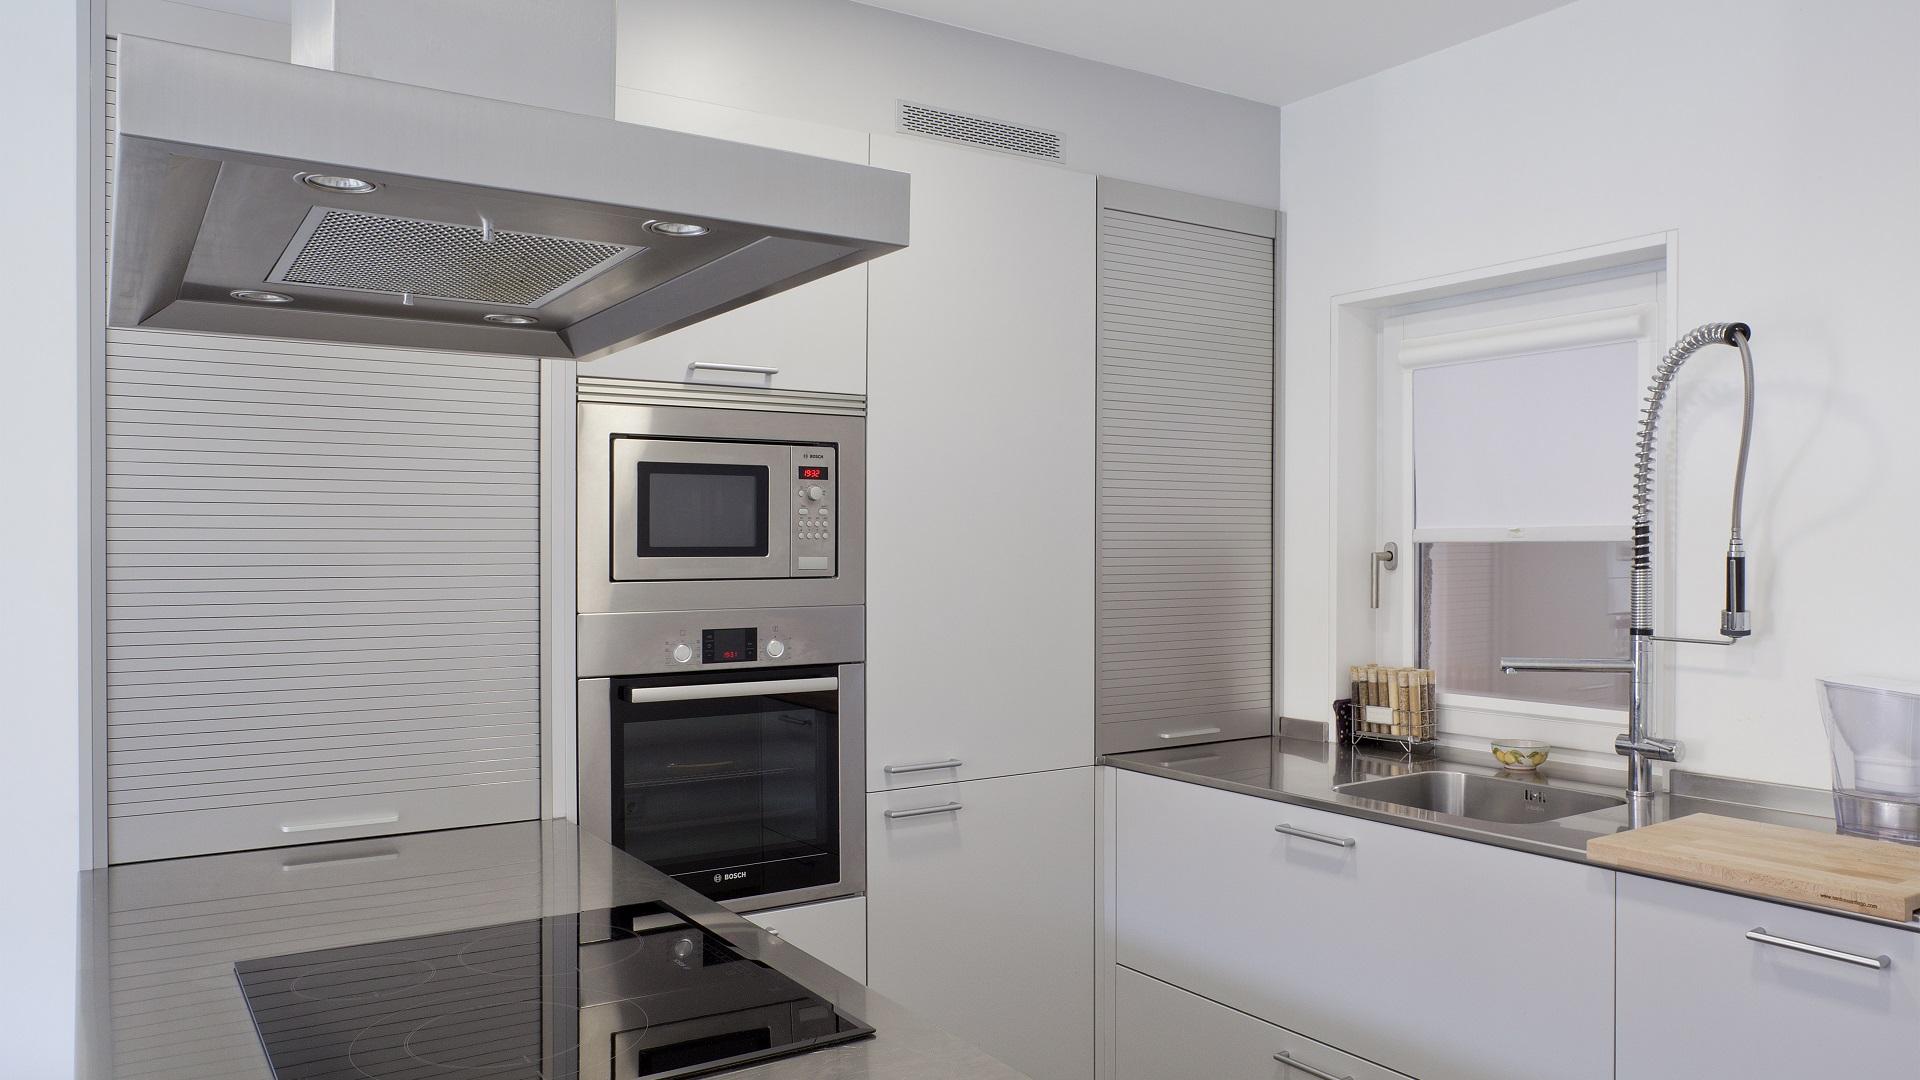 Cocinas en forma de u muchas ideas para inspirarte - Cocinas pequenas en forma de ele ...